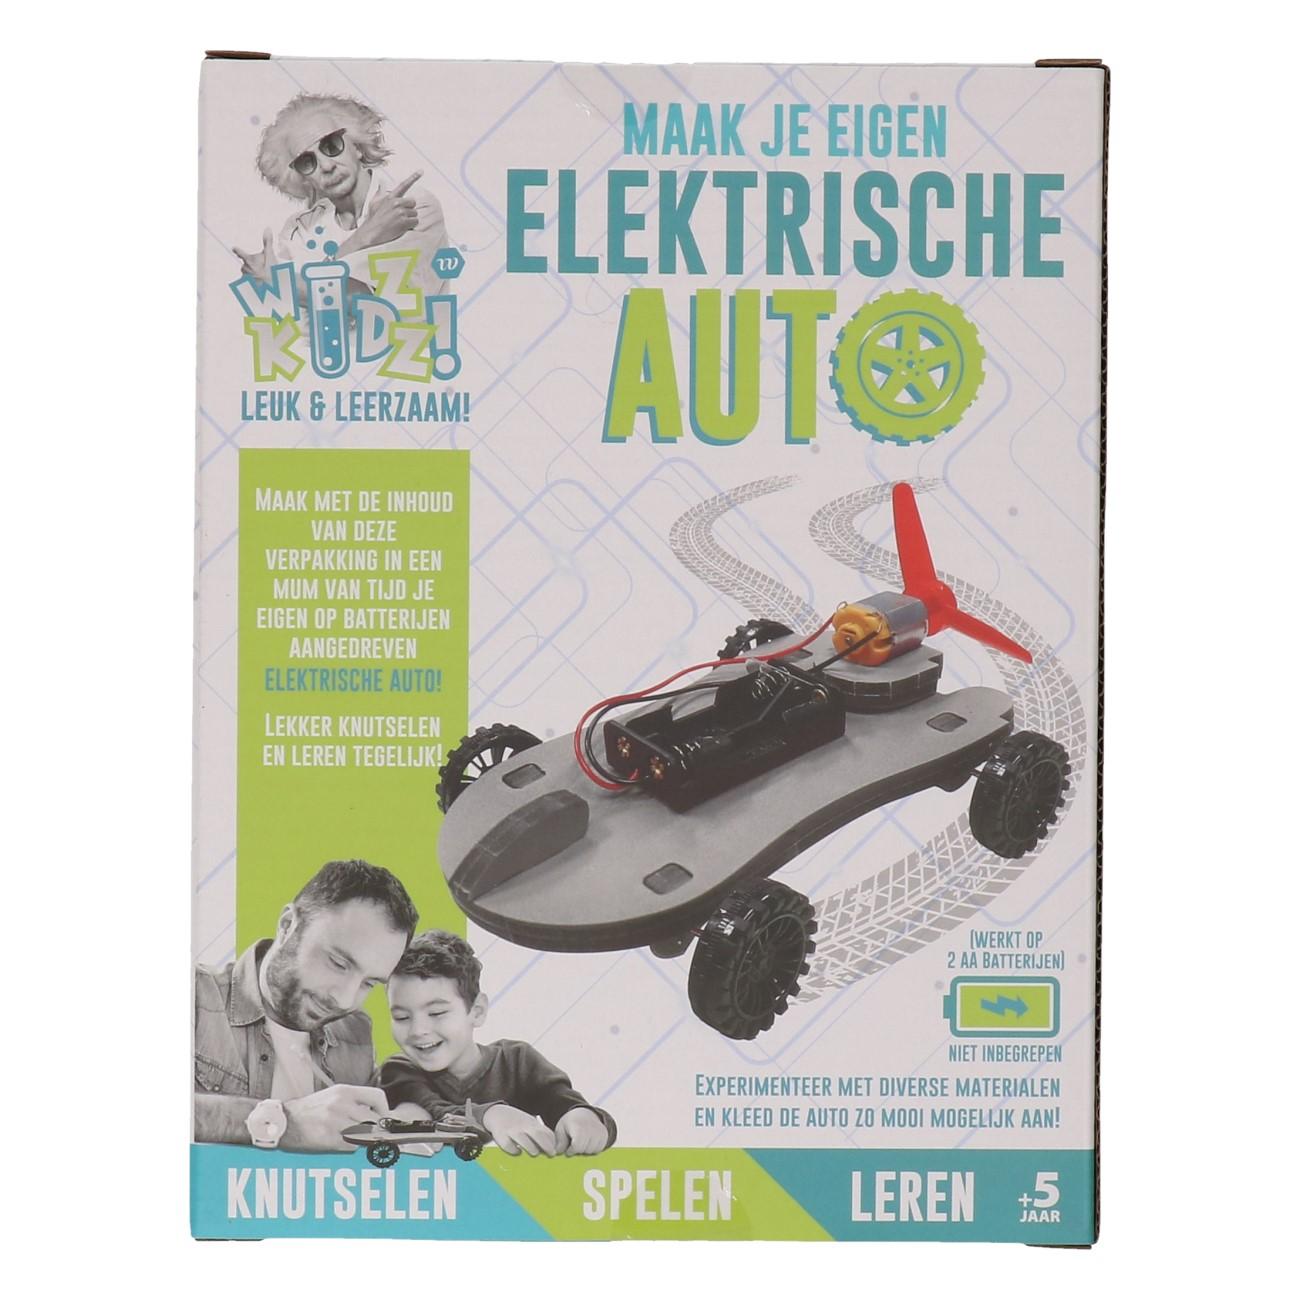 Maak je eigen elektrische auto